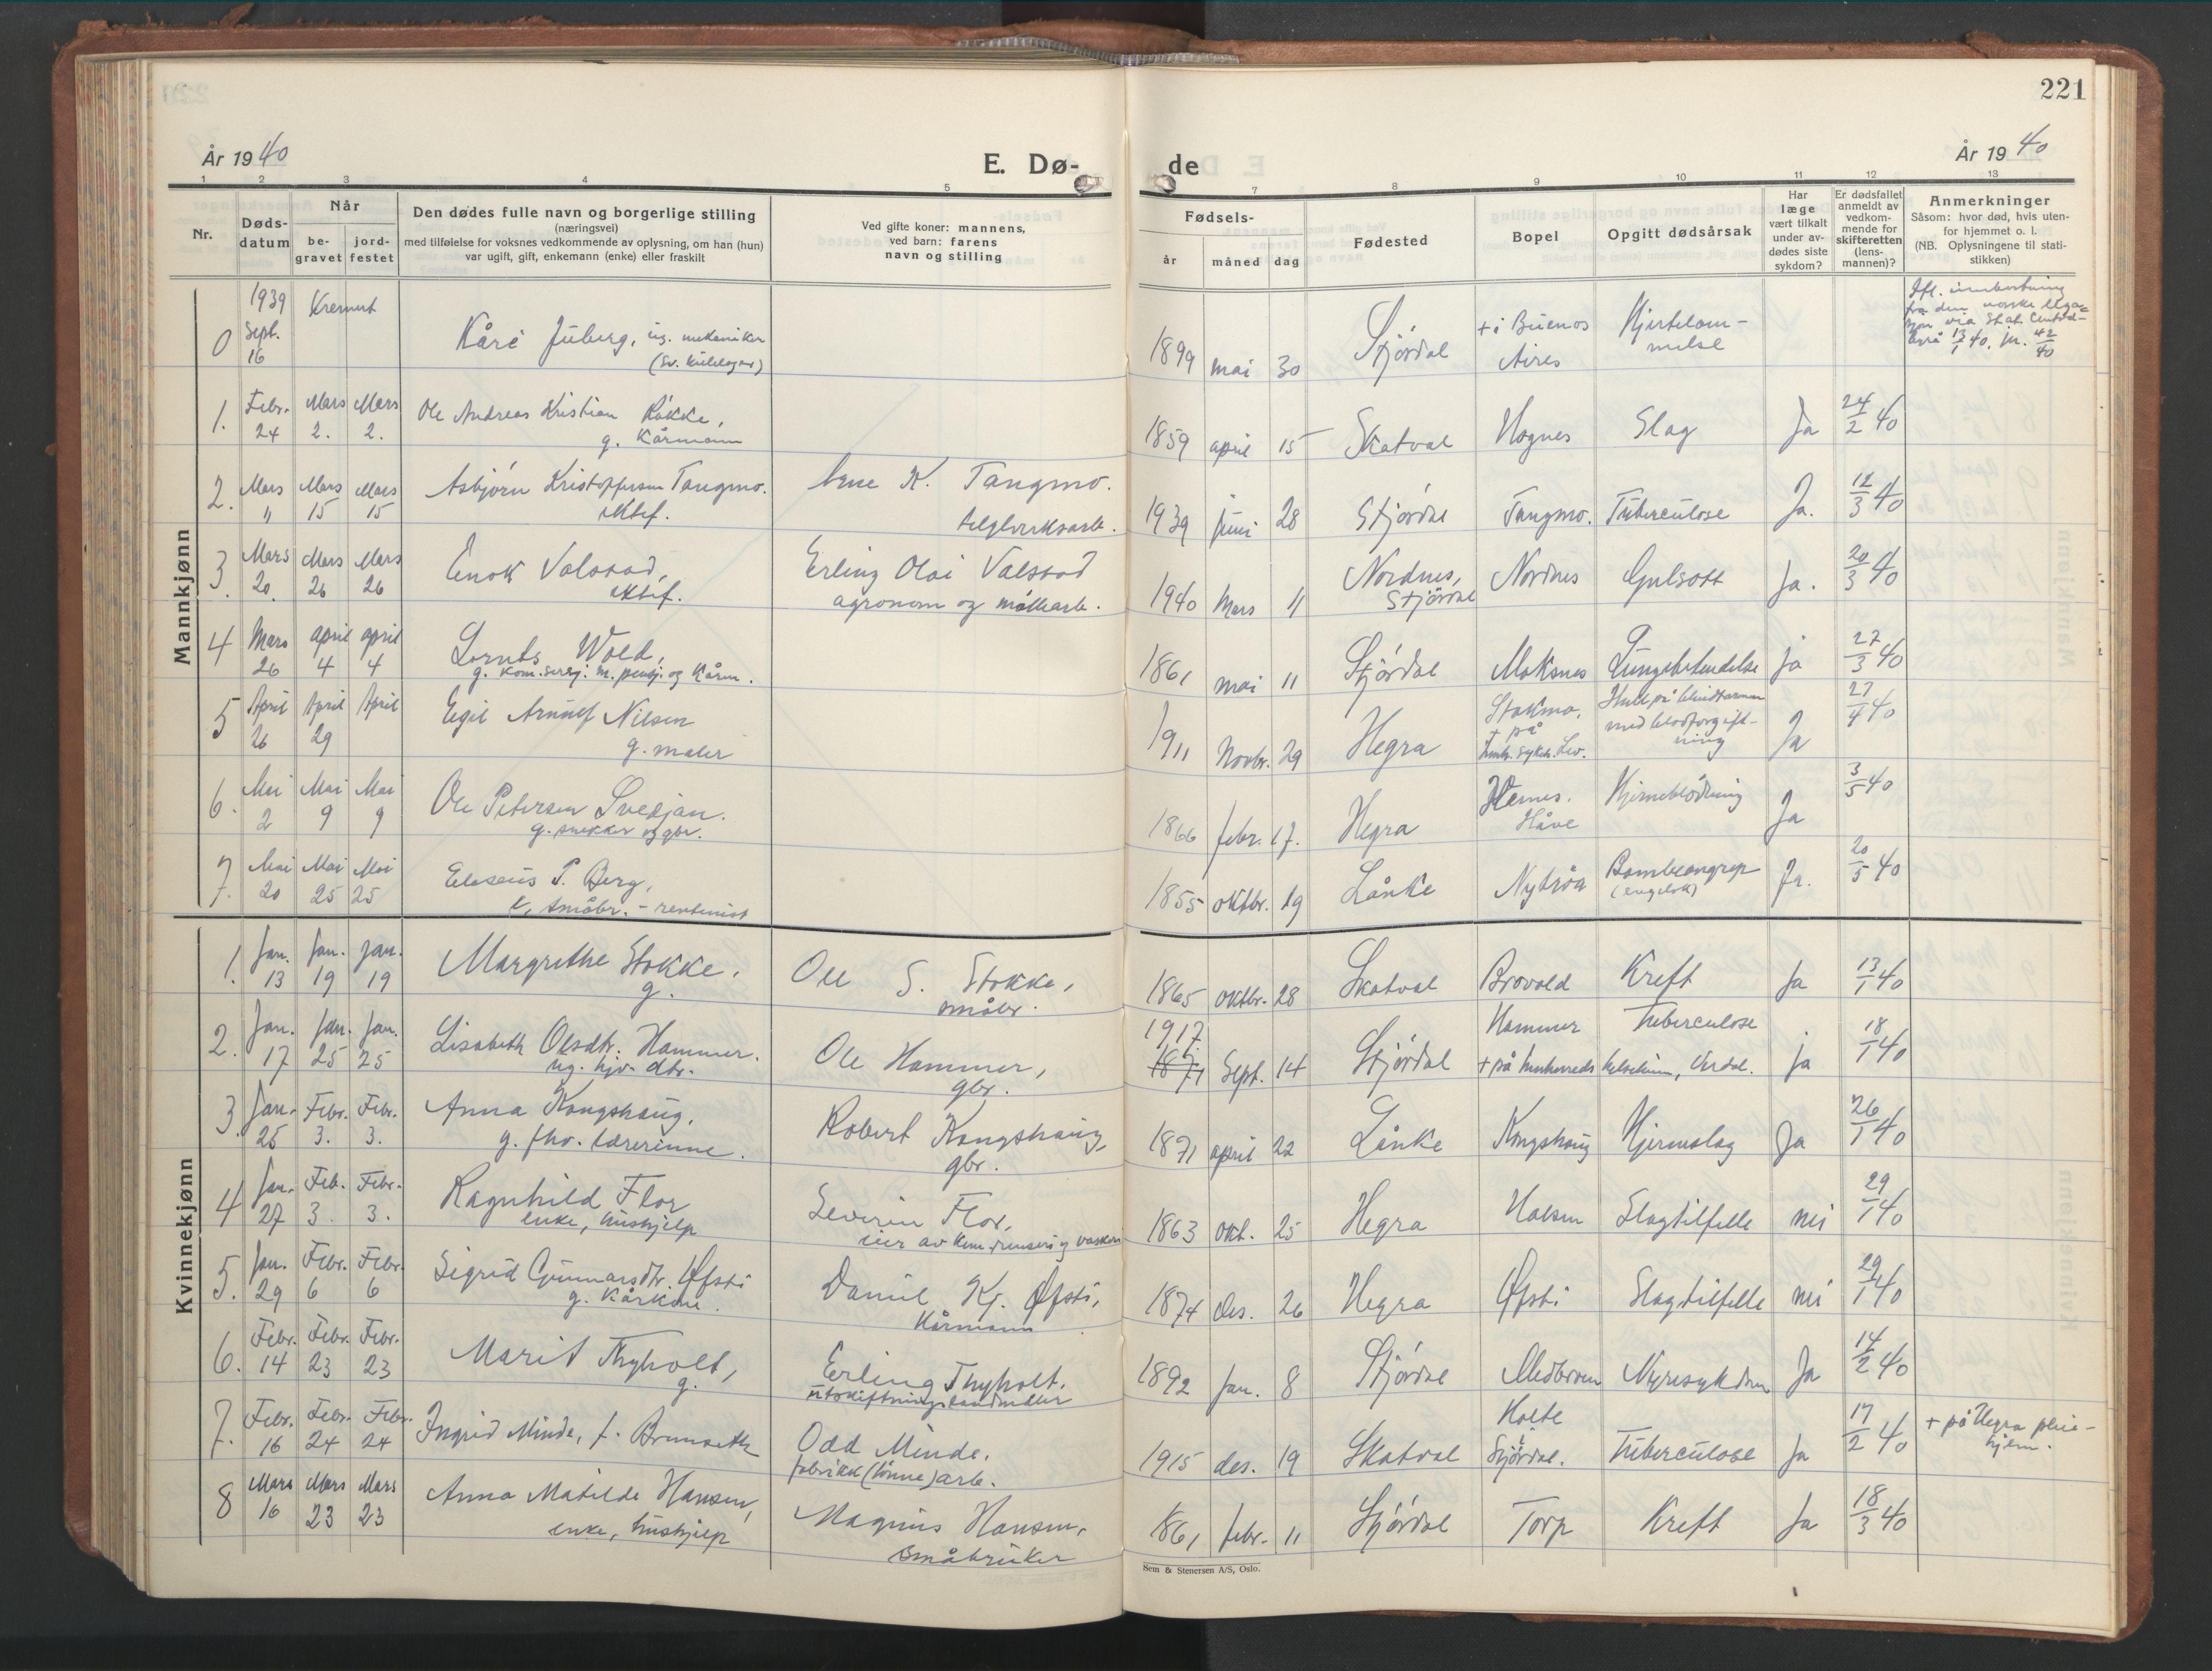 SAT, Ministerialprotokoller, klokkerbøker og fødselsregistre - Nord-Trøndelag, 709/L0089: Klokkerbok nr. 709C03, 1935-1948, s. 221